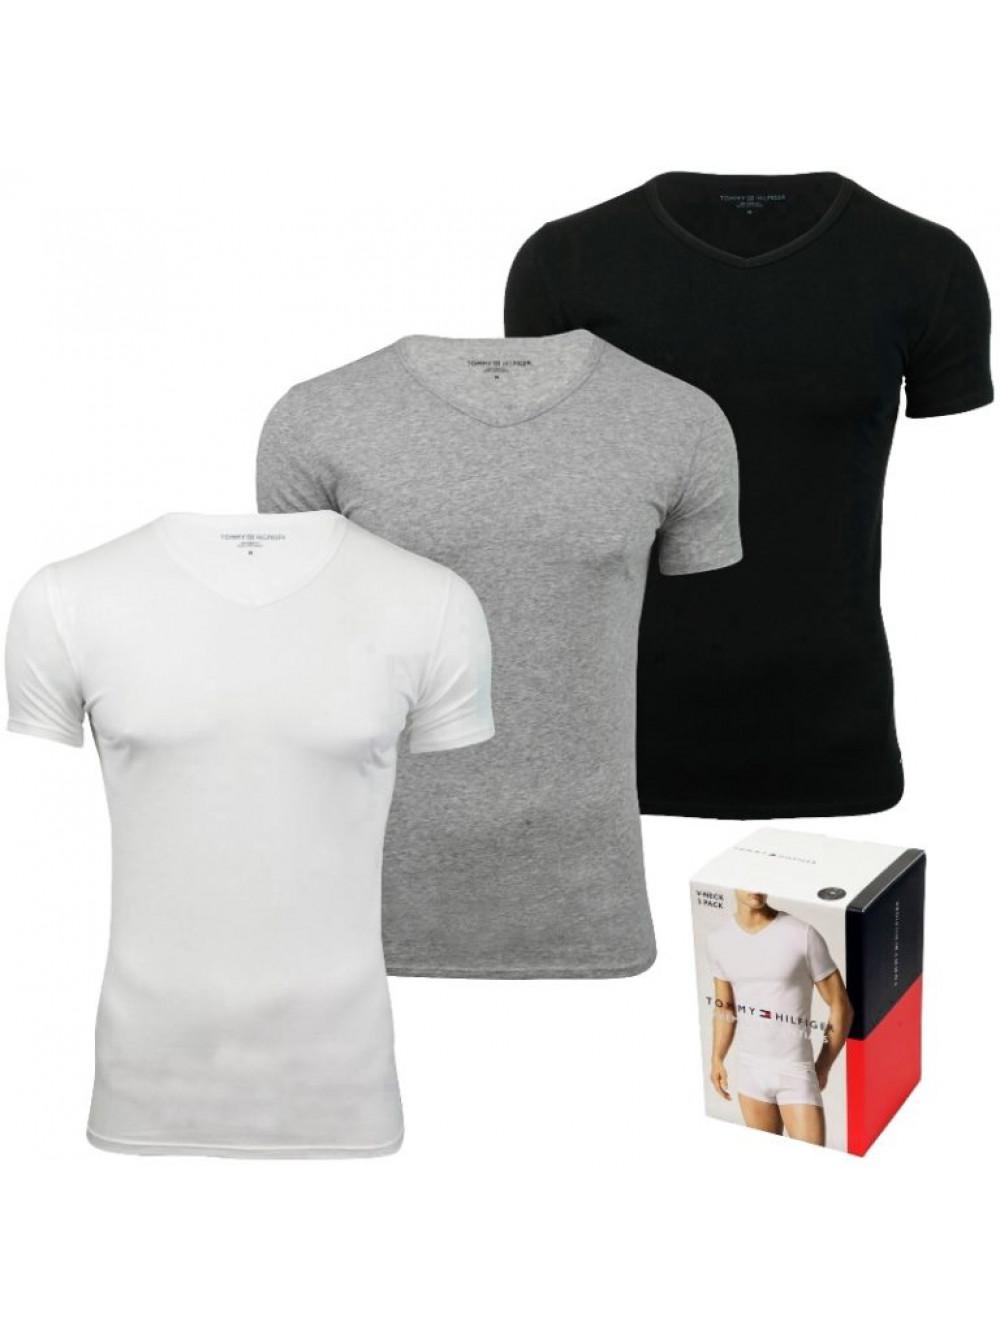 Pánské trička Tommy Hilfiger V-Neck Tee SS bílé, šedé, černé 3-pack